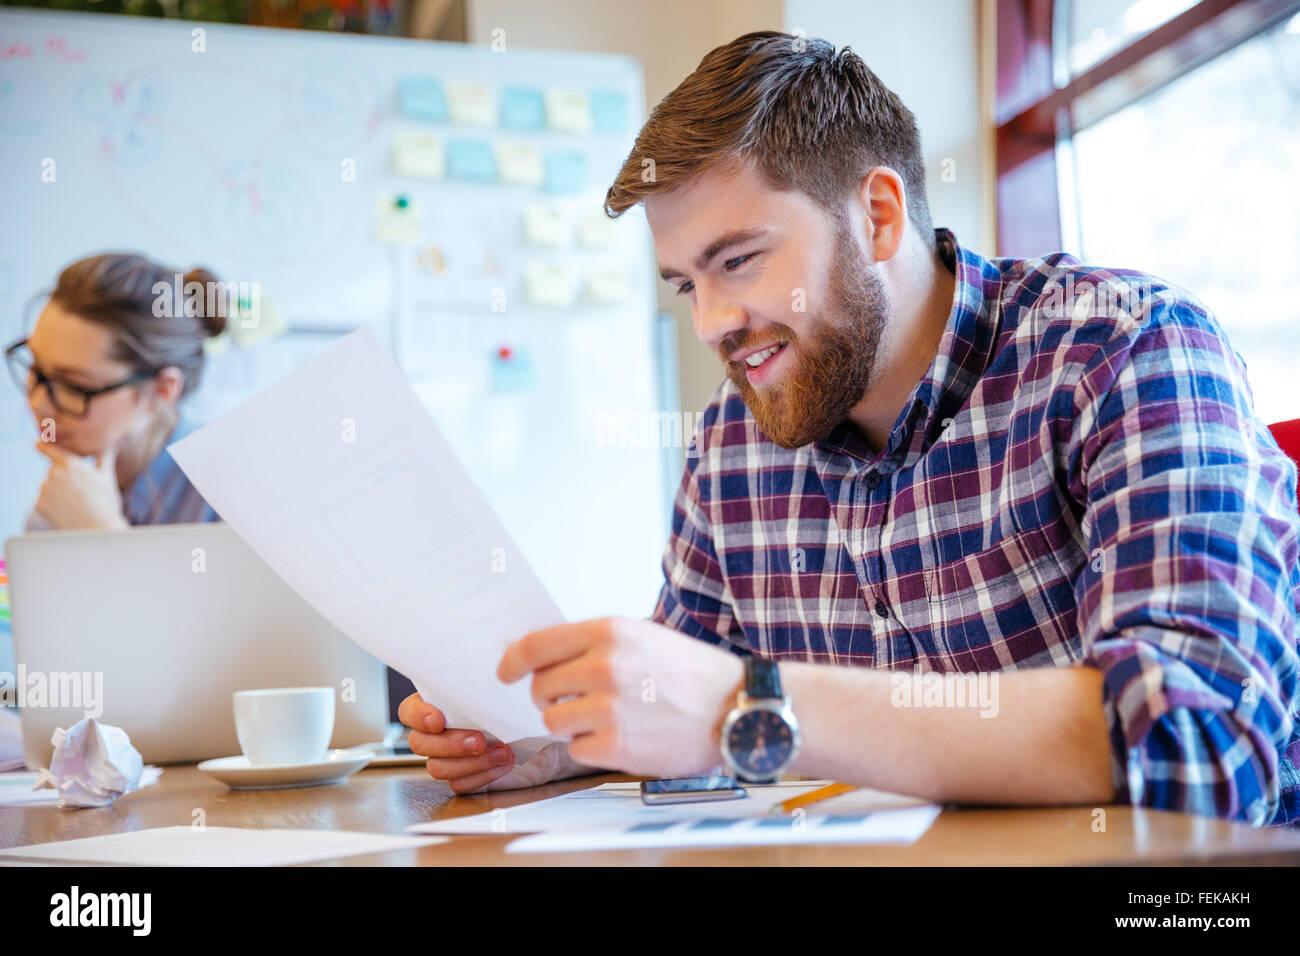 Glückliche junge Geschäftsmann lesen Papier im Büro Stockbild